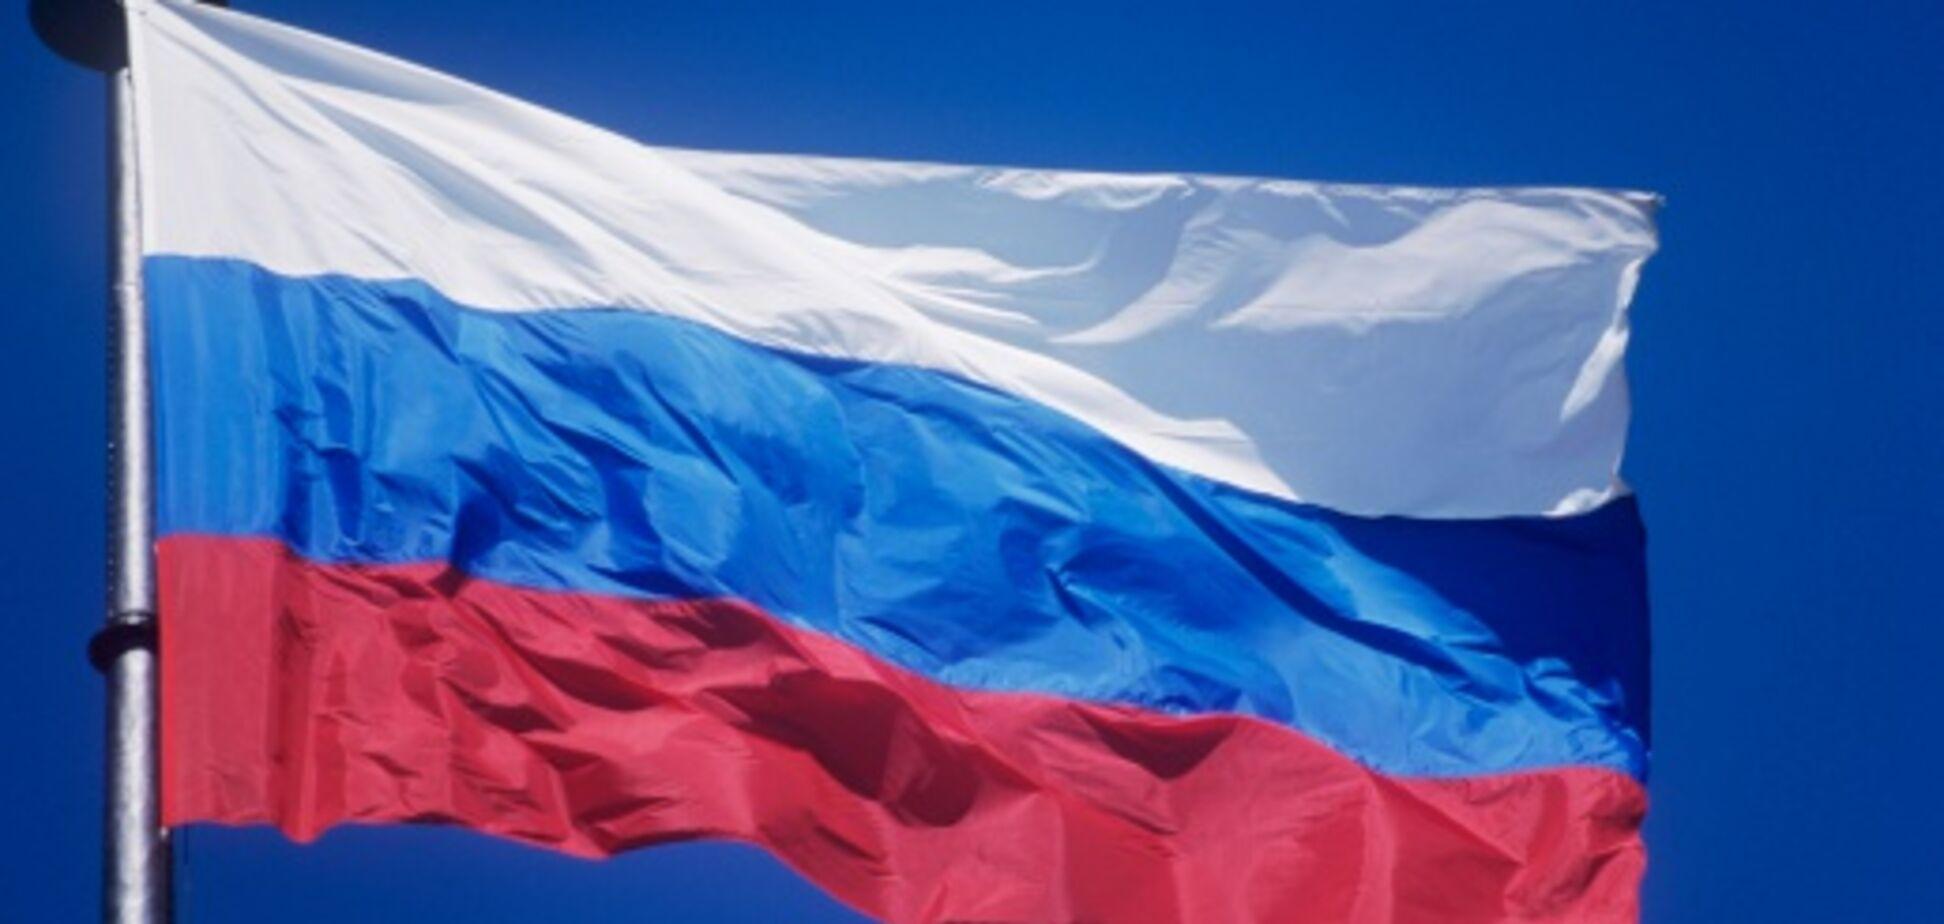 'России лучше оставаться на Луне': российский журналист жестко прошелся по РФ